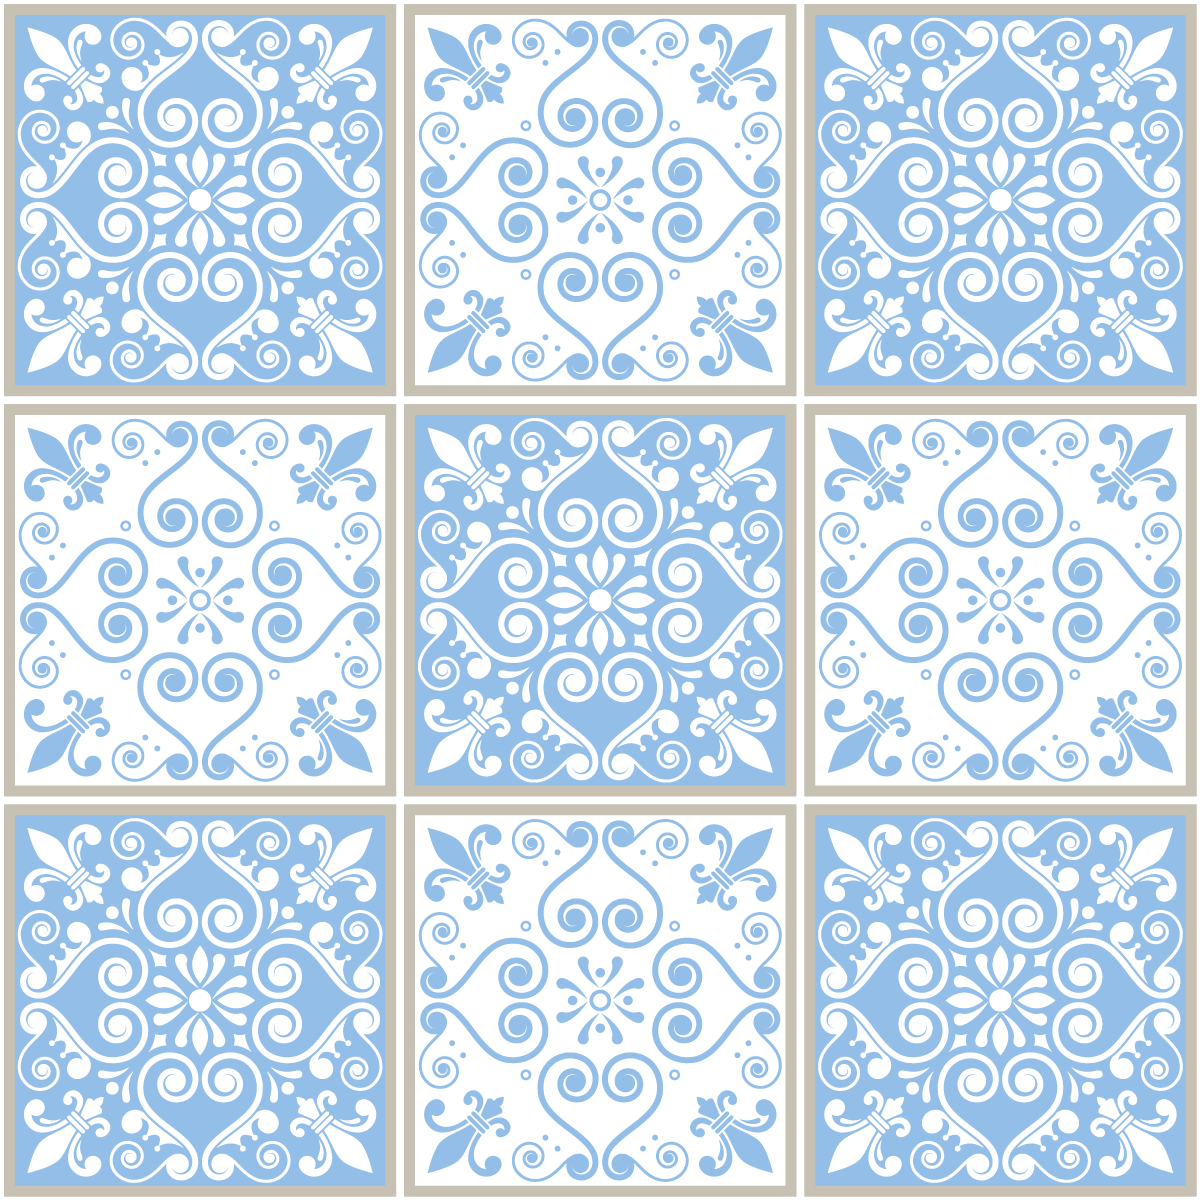 9 stickers carreaux de ciment azulejos adolfo salle de bain et wc salle de bain ambiance sticker. Black Bedroom Furniture Sets. Home Design Ideas